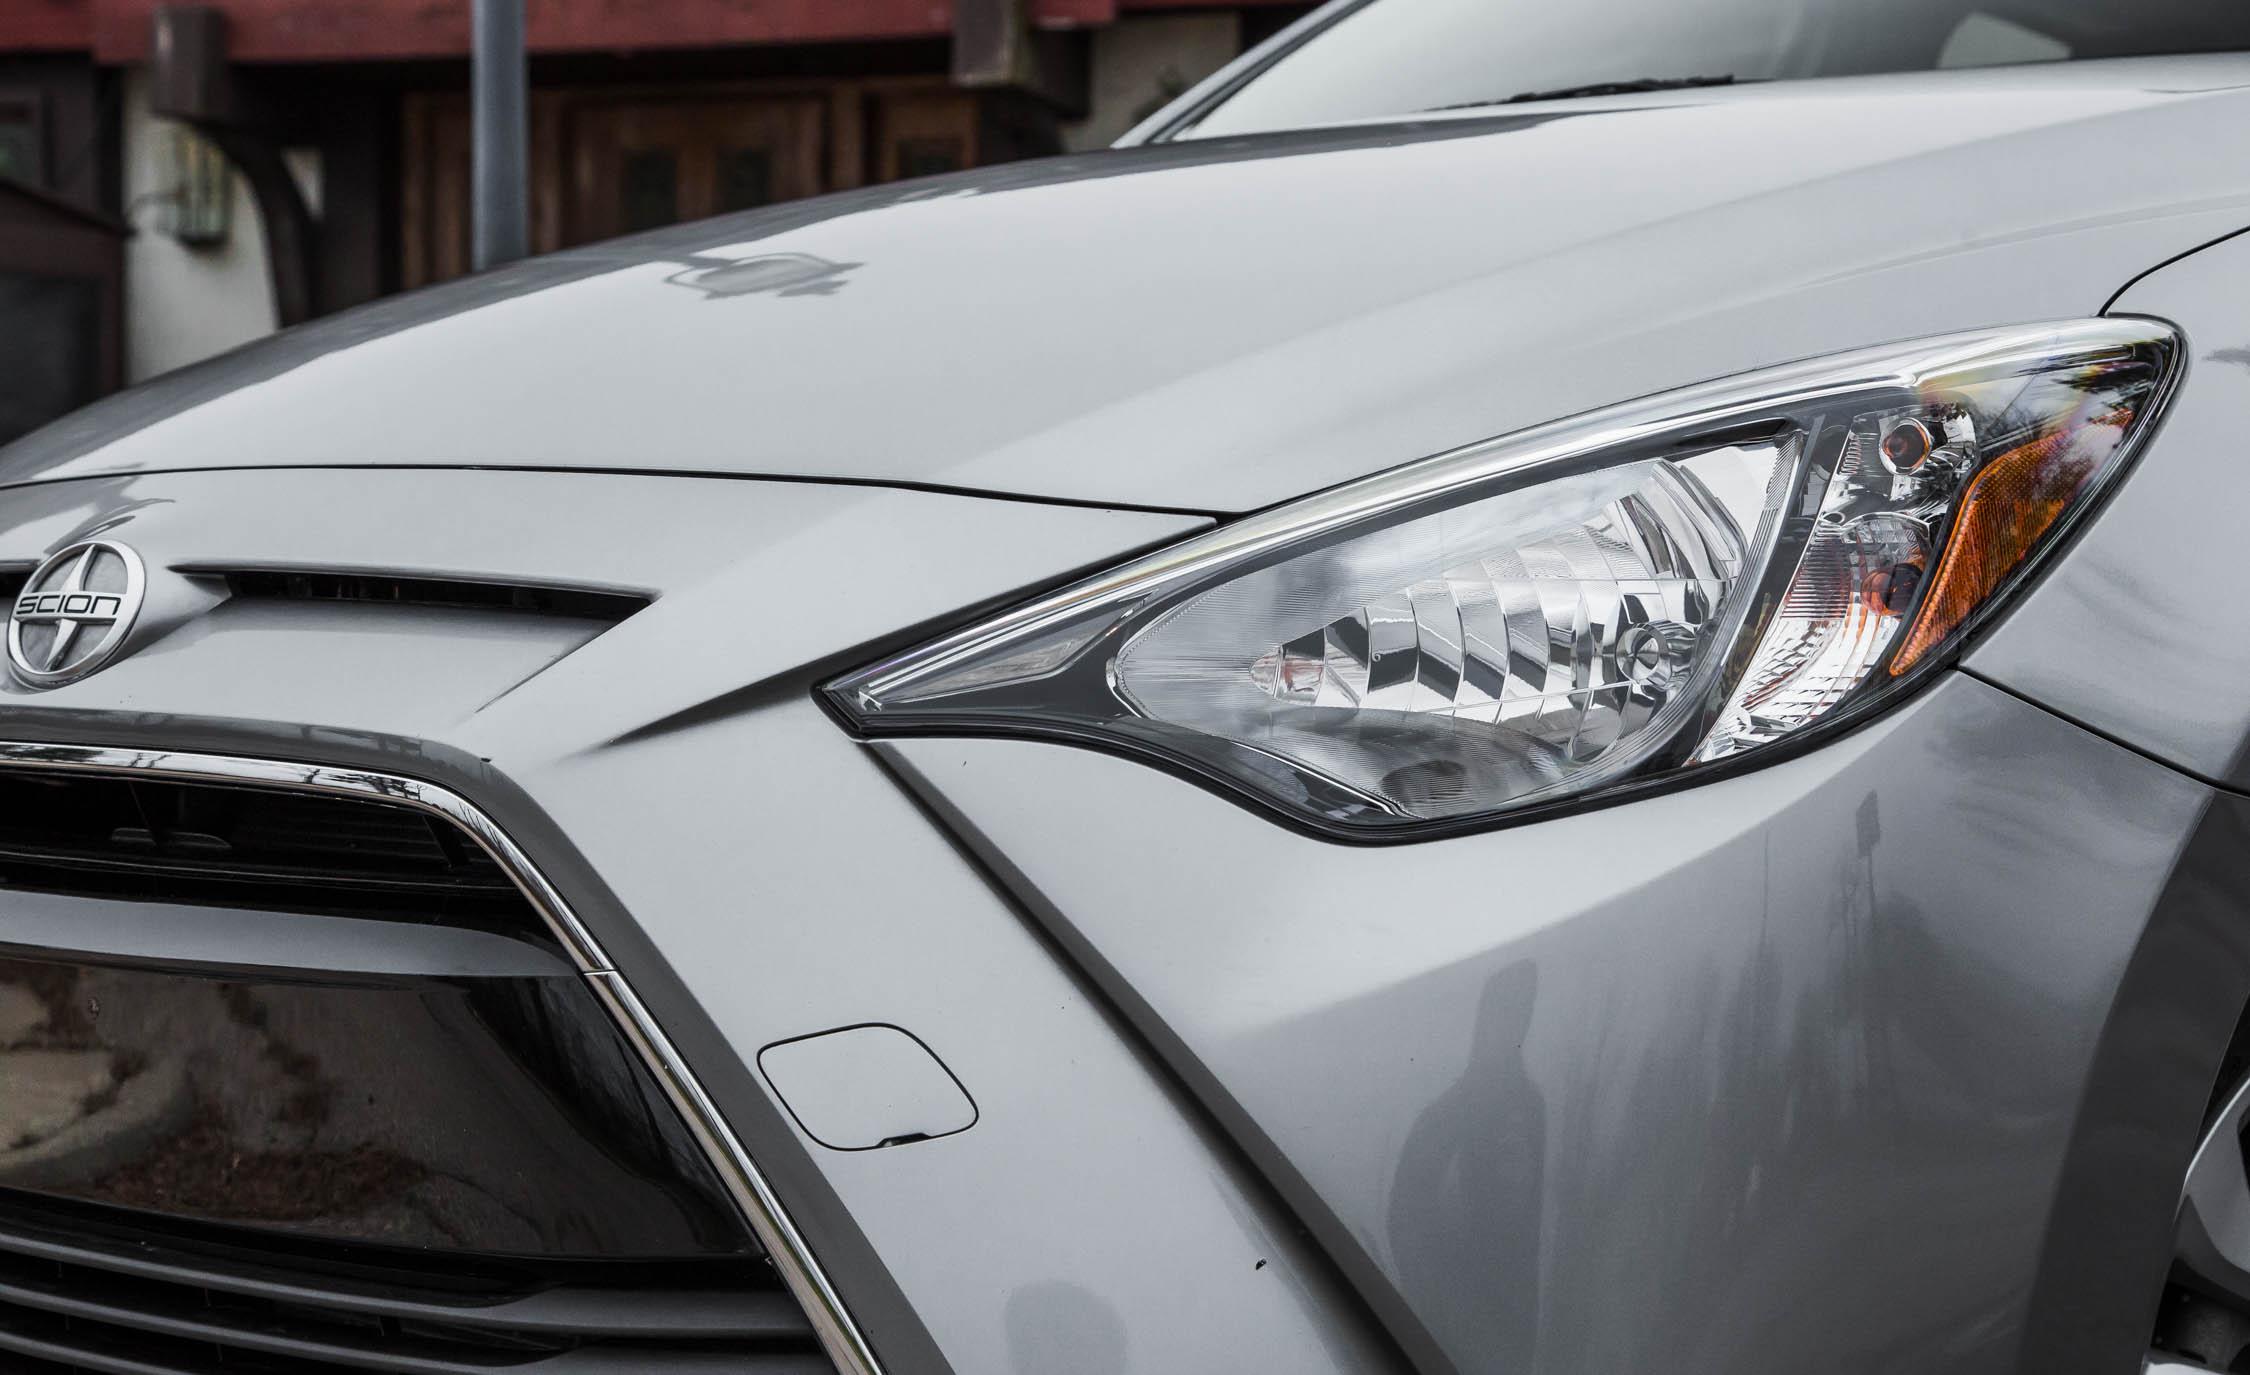 2016 Scion iA Exterior Headlight Right